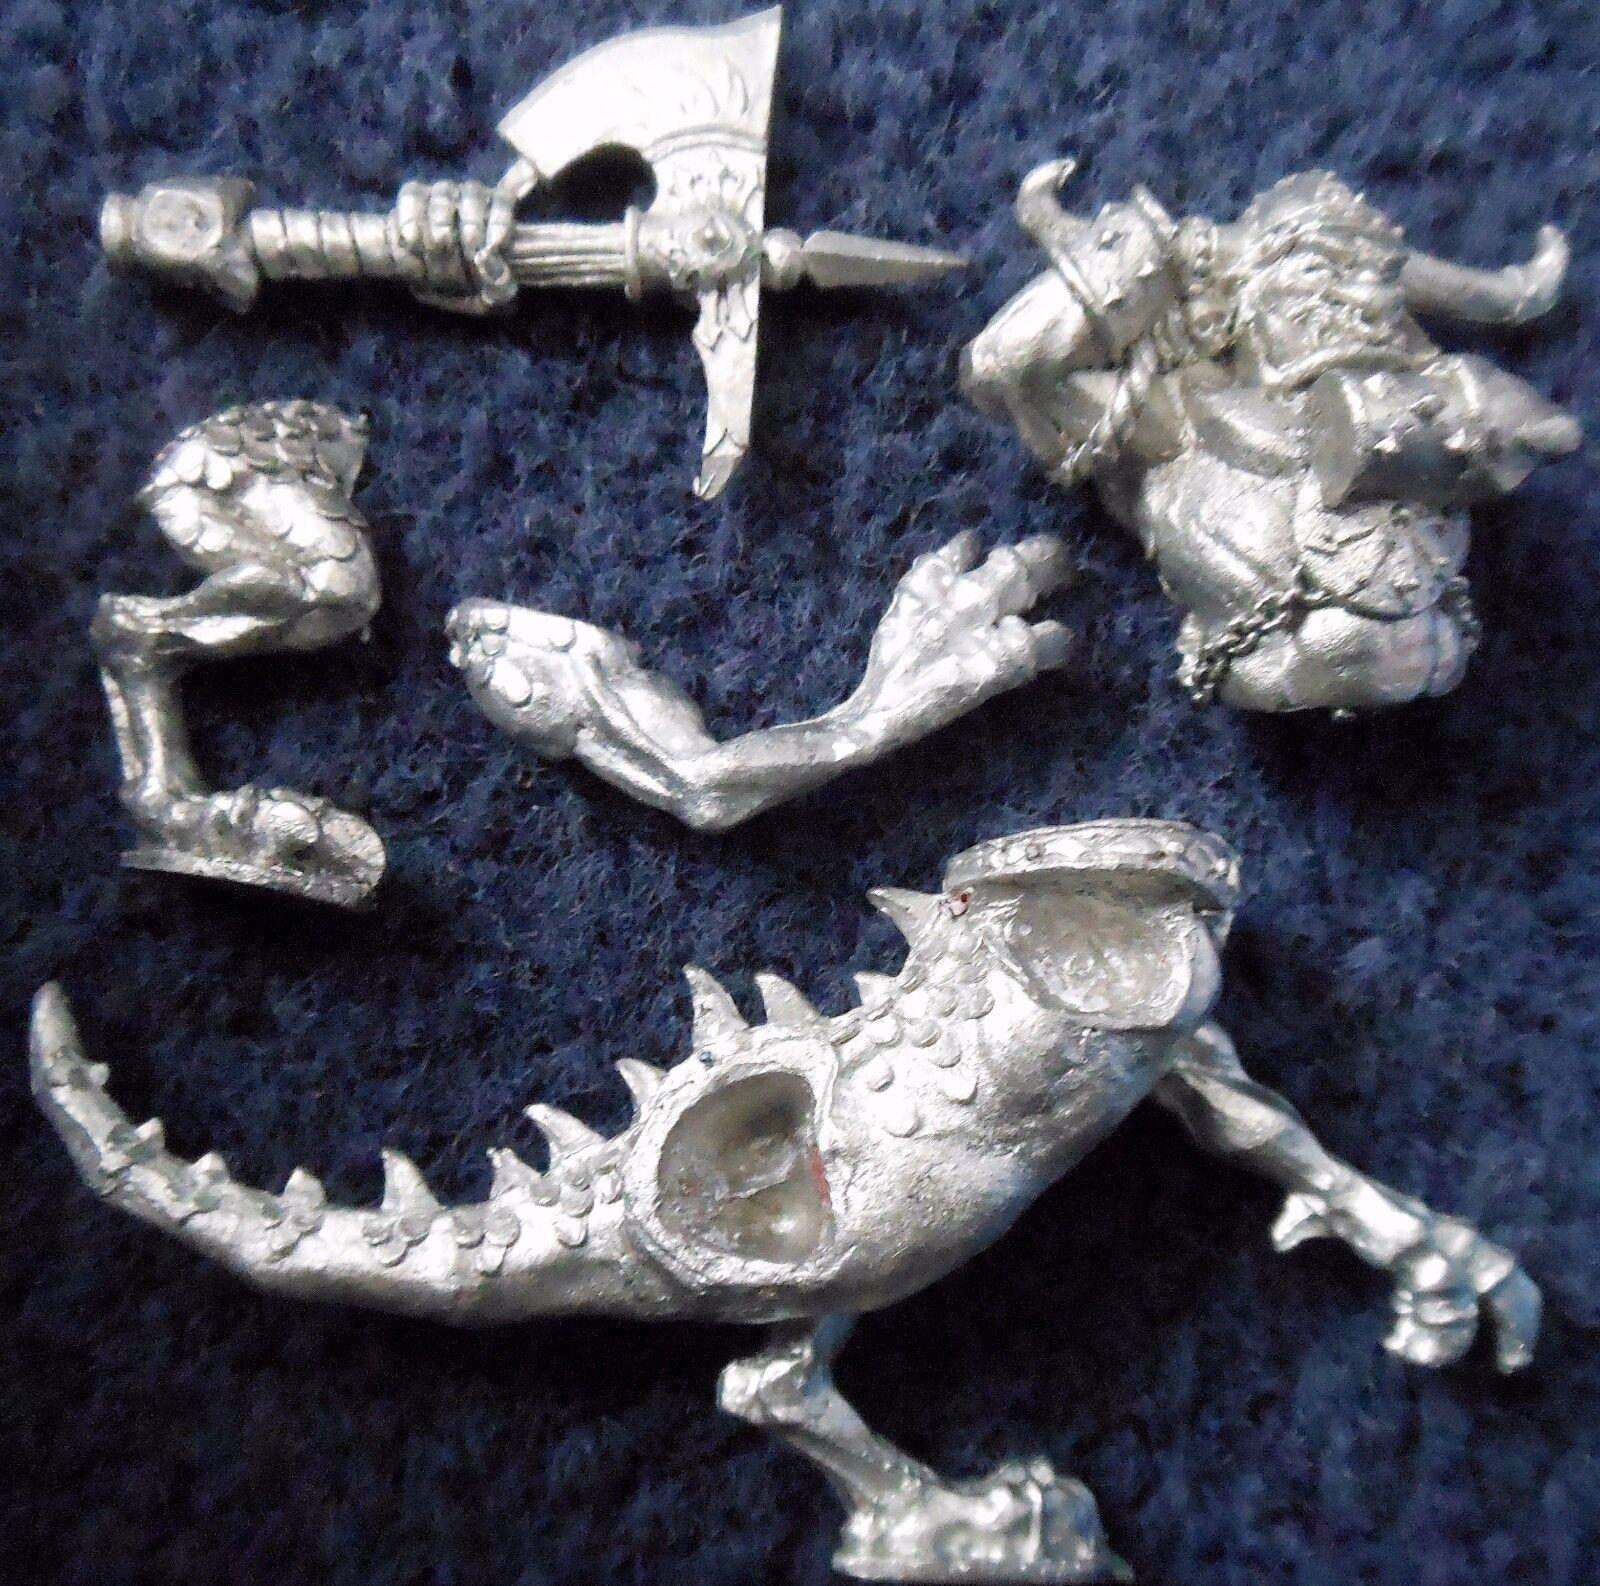 1994 Chaos Dragon Ogre C2 Games Workshop Citadel Warhammer Army Army Army Ogor Cavalry GW e1639b